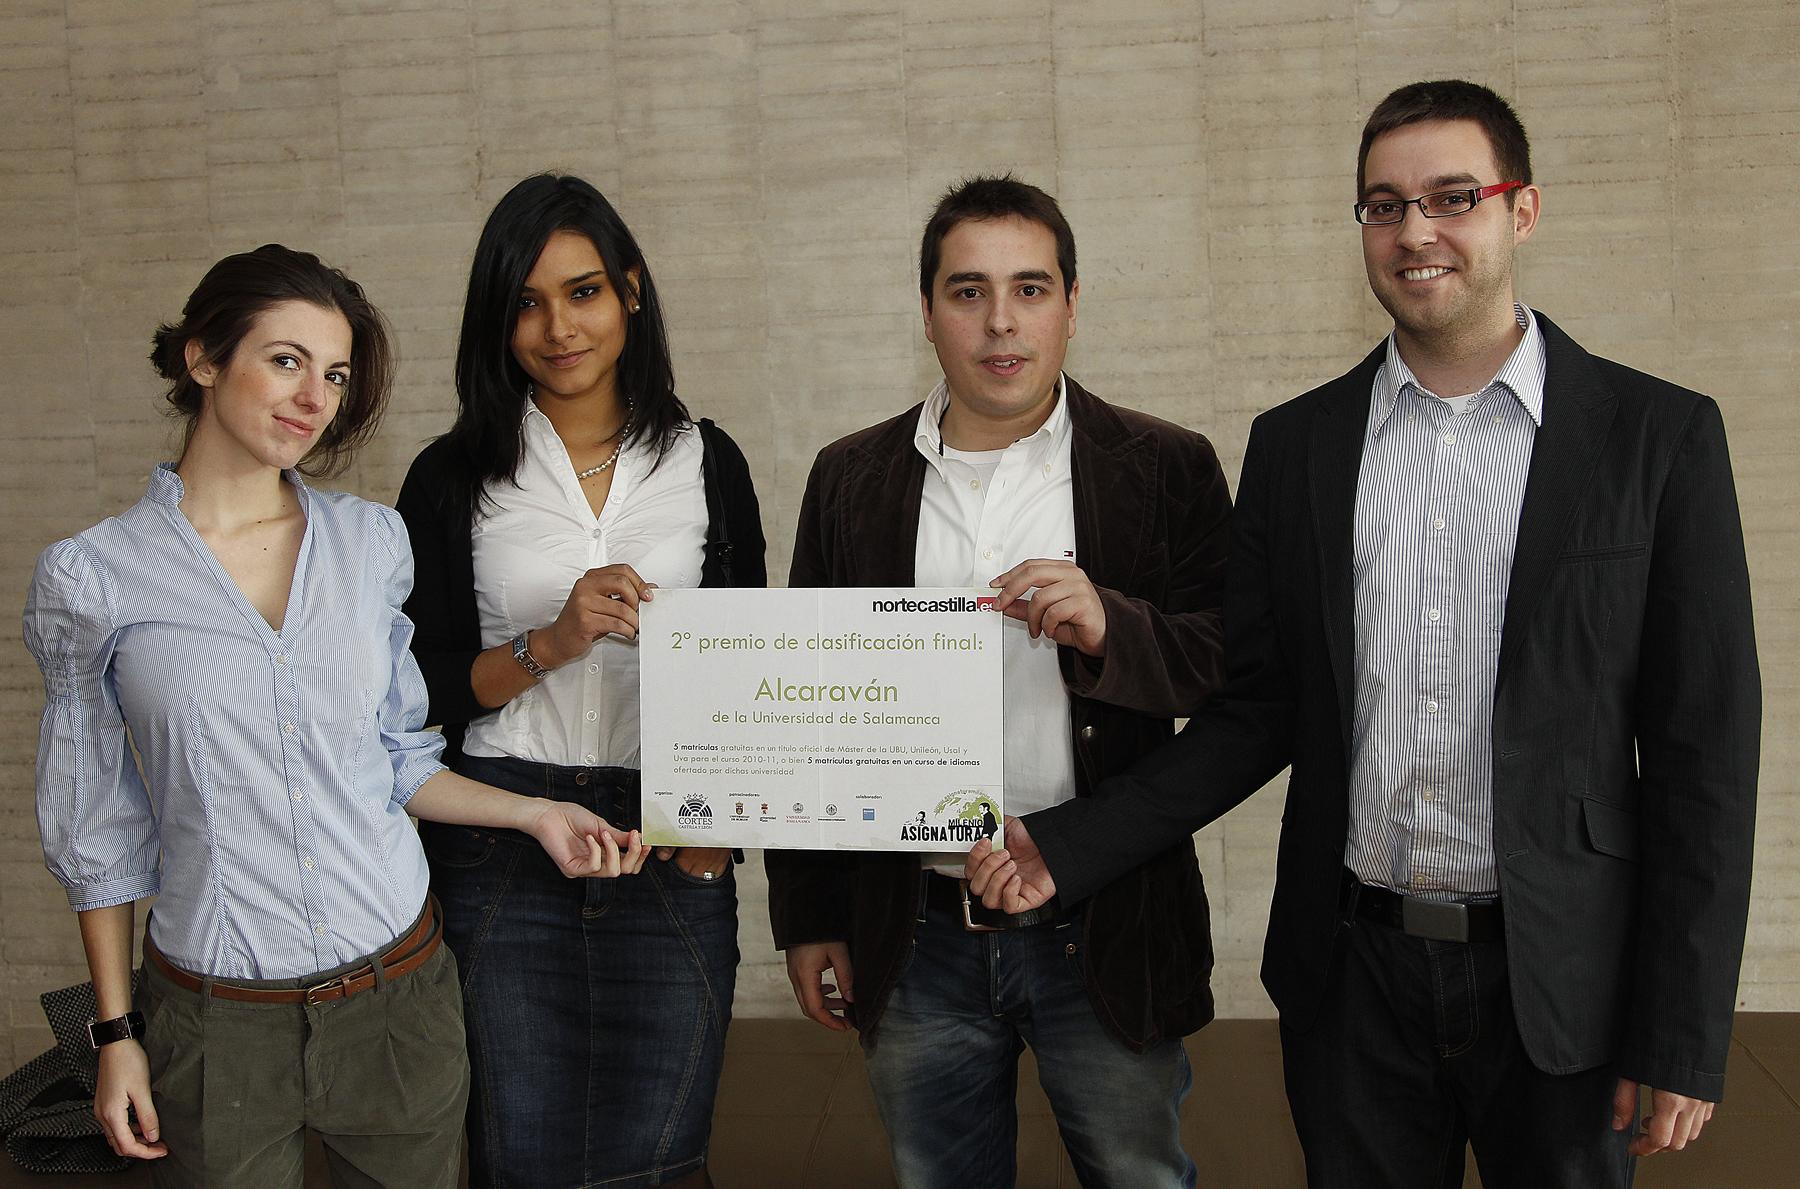 Equipo de la Universidad de Salamanca mostrando su premio